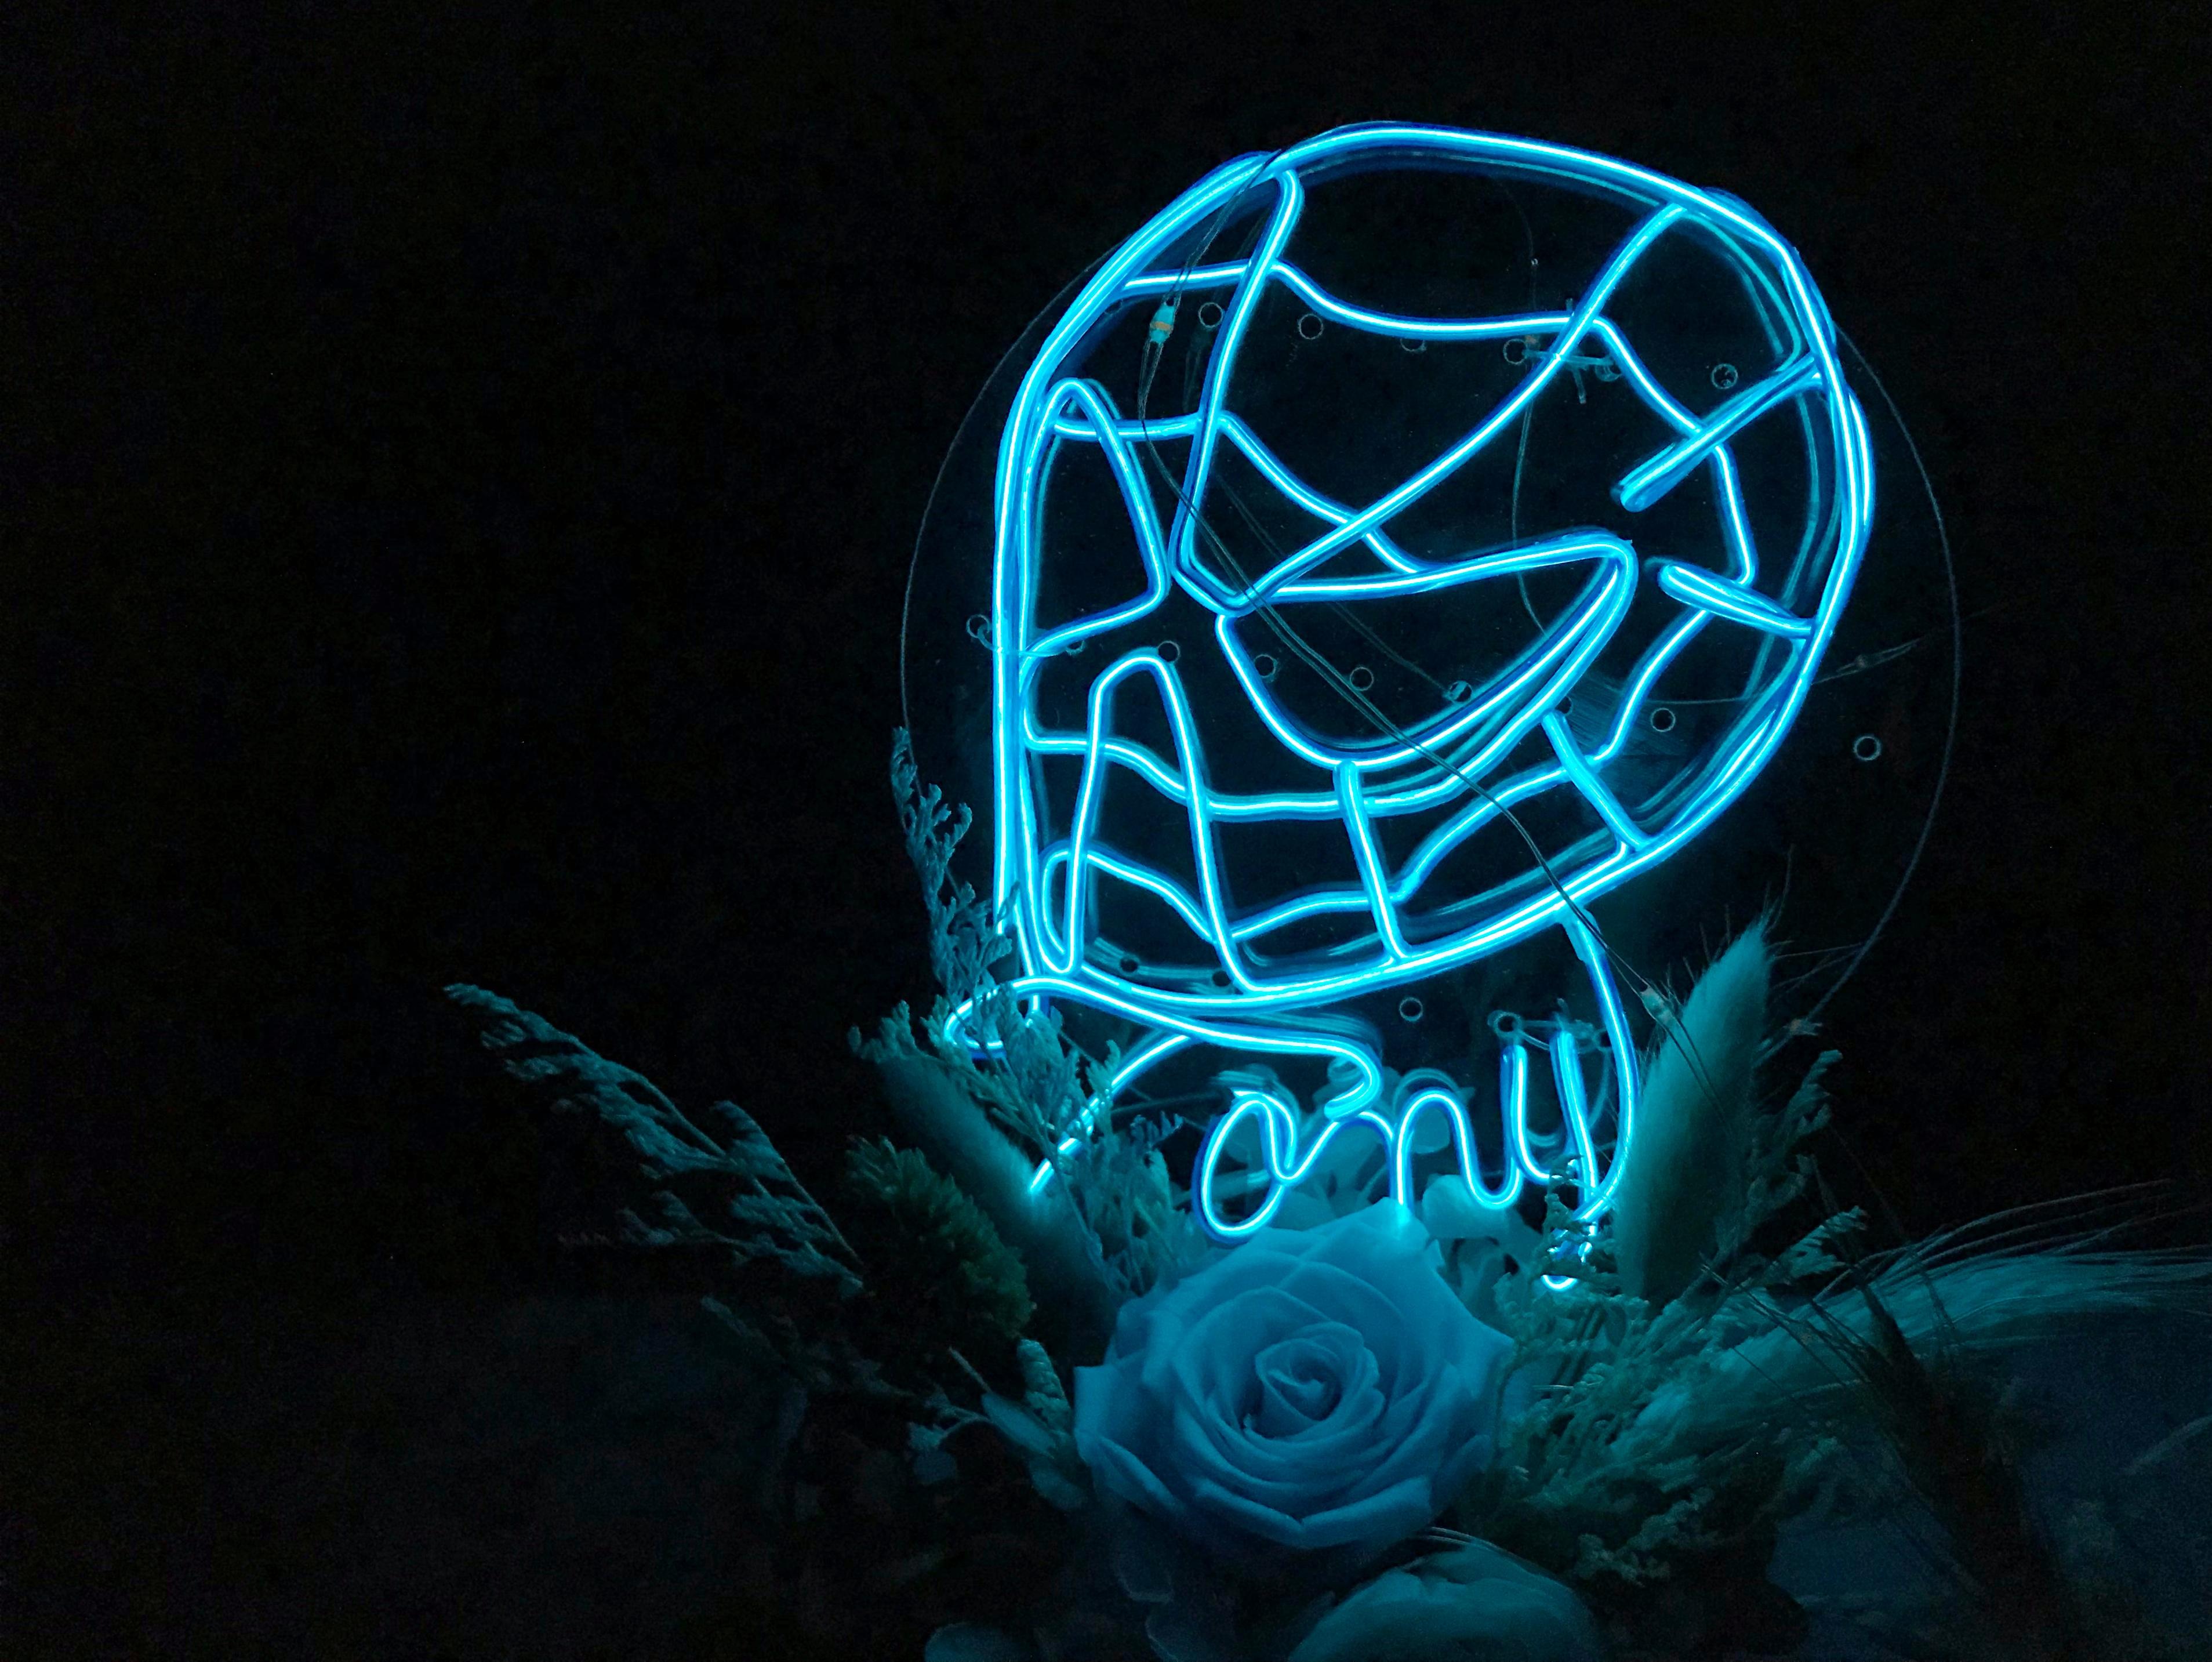 Neon on pot